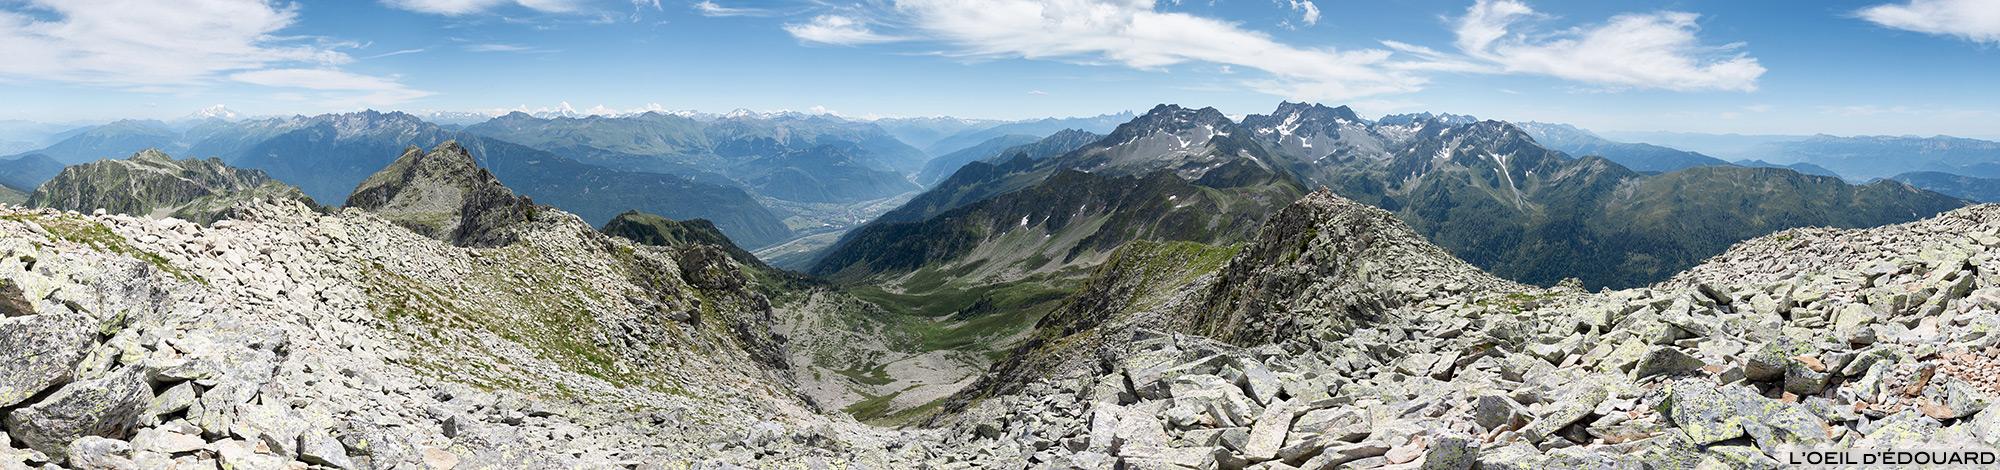 Vue panorama au sommet des Grands Moulins, Belledonne © L'Oeil d'Édouard - Tous droits réservés